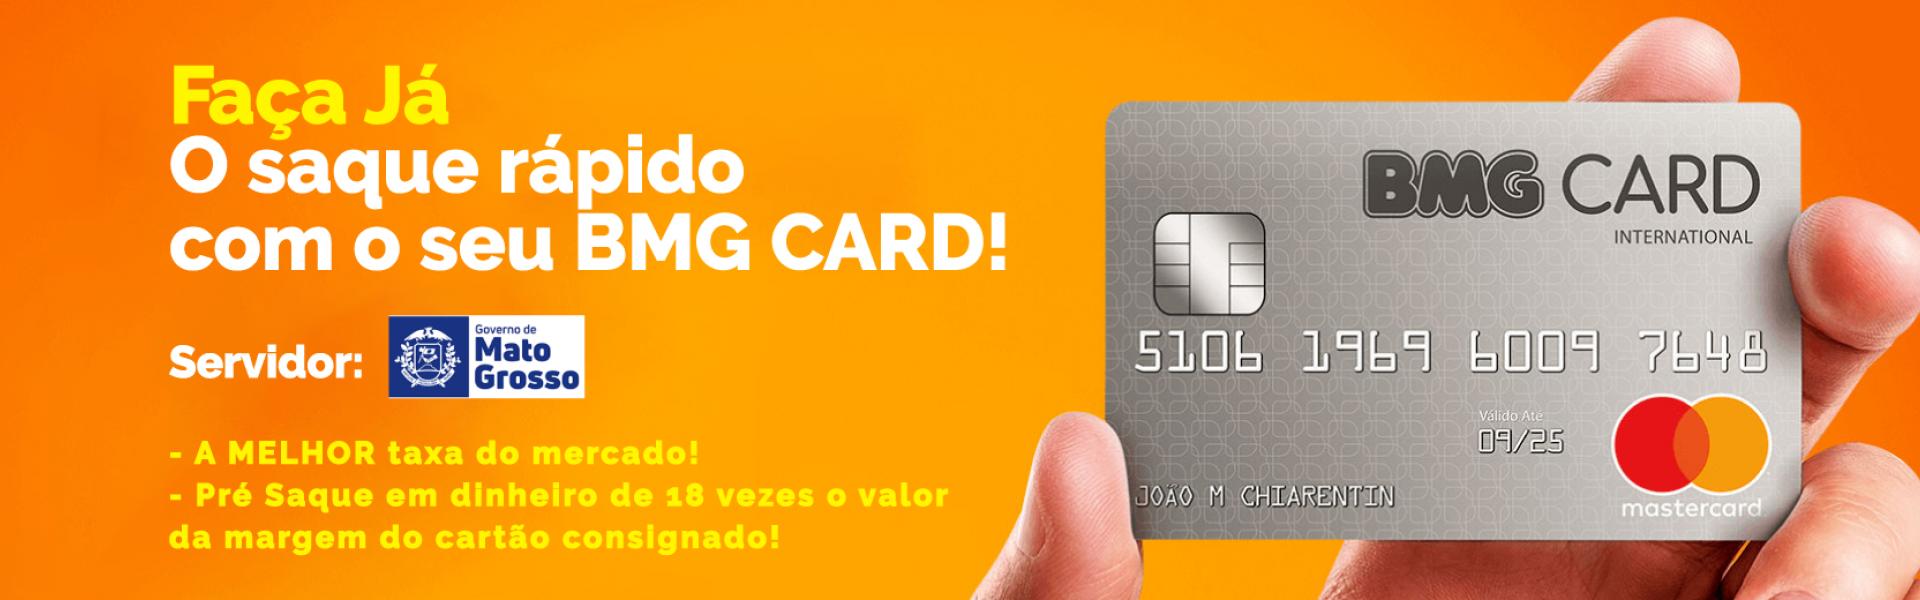 Saque Rápido BMG CARD